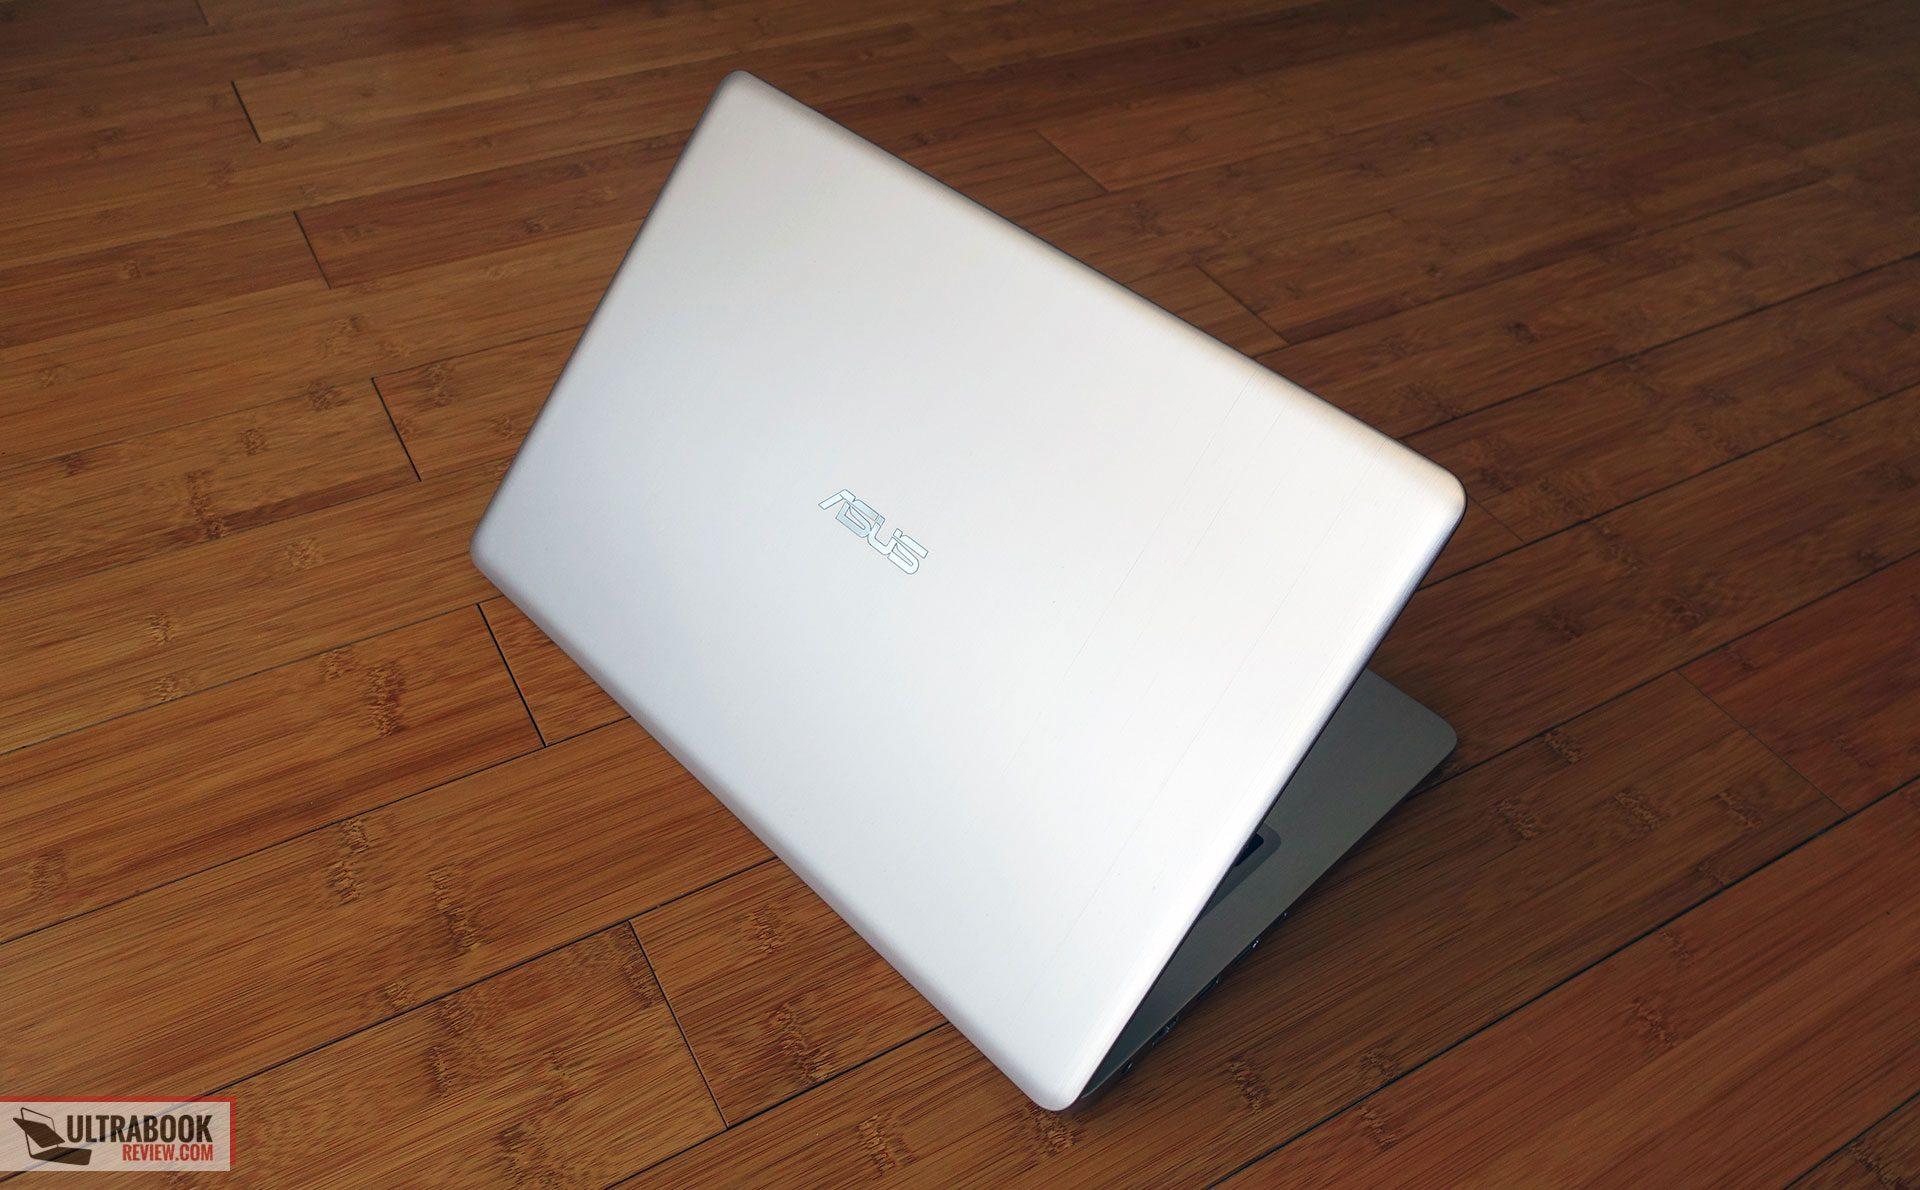 Asus VivoBook Pro N580VD / N580GD review - mid-range multimedia laptop